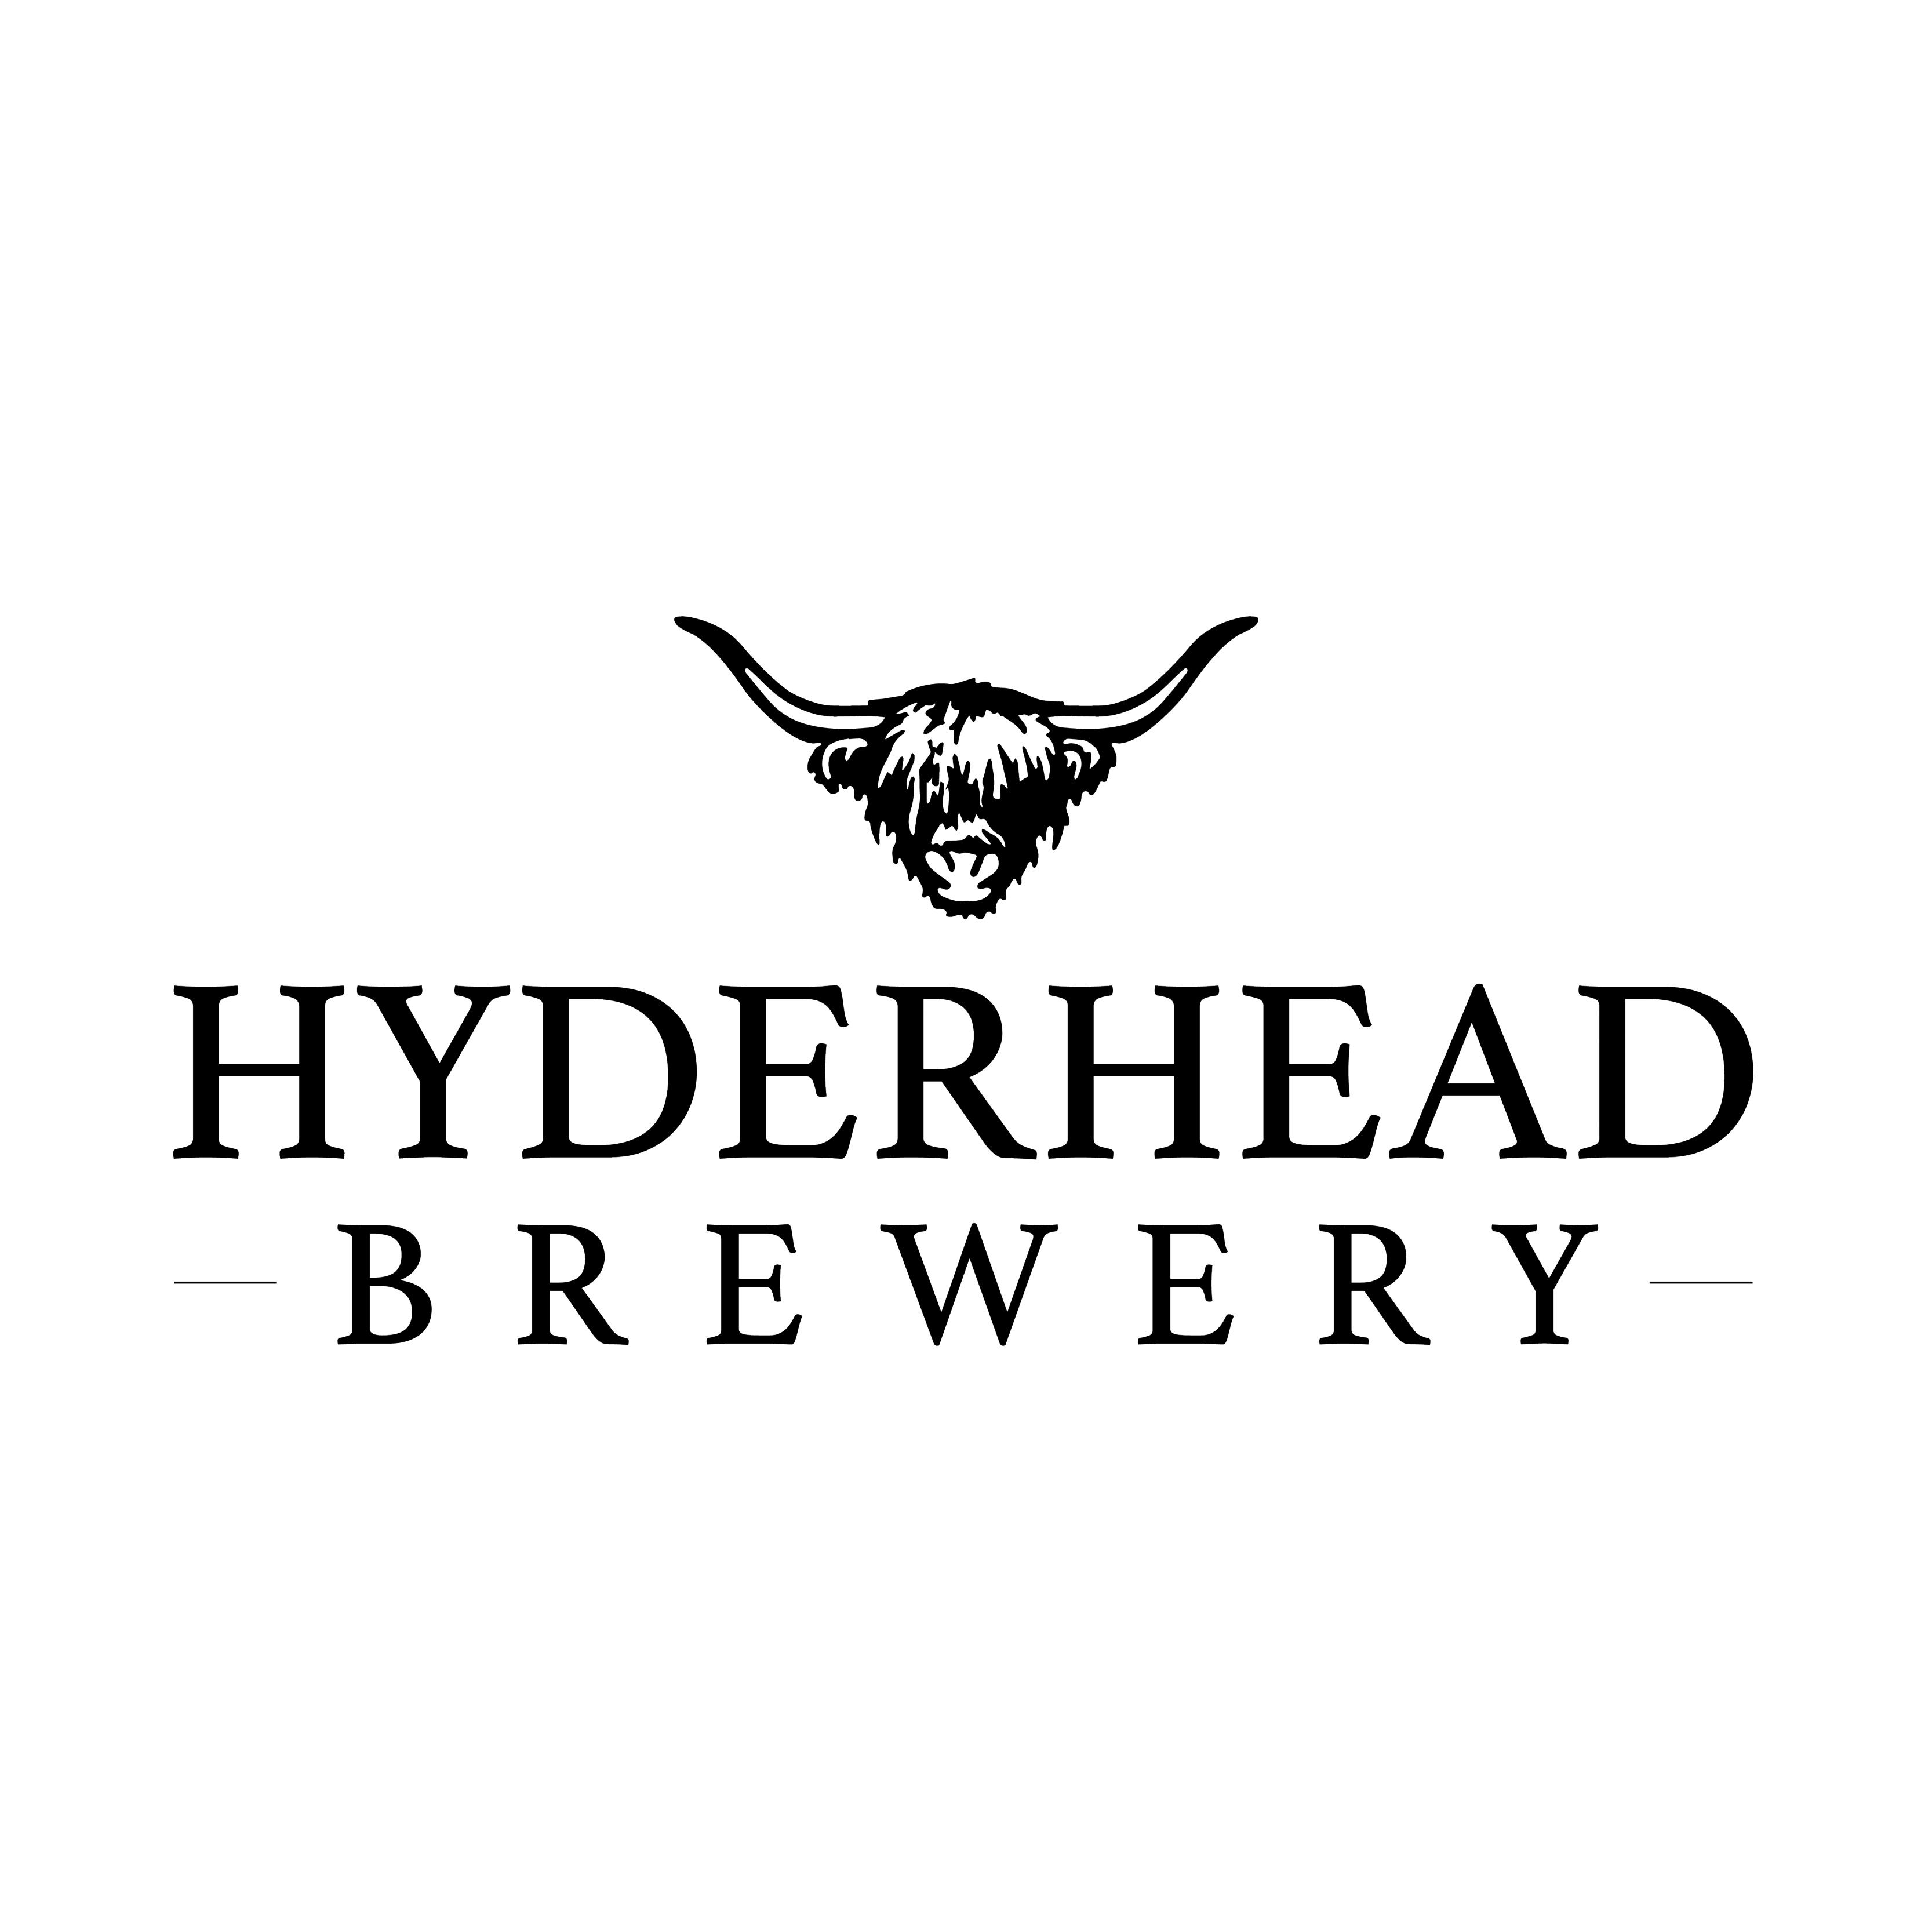 HyderHead Brewery